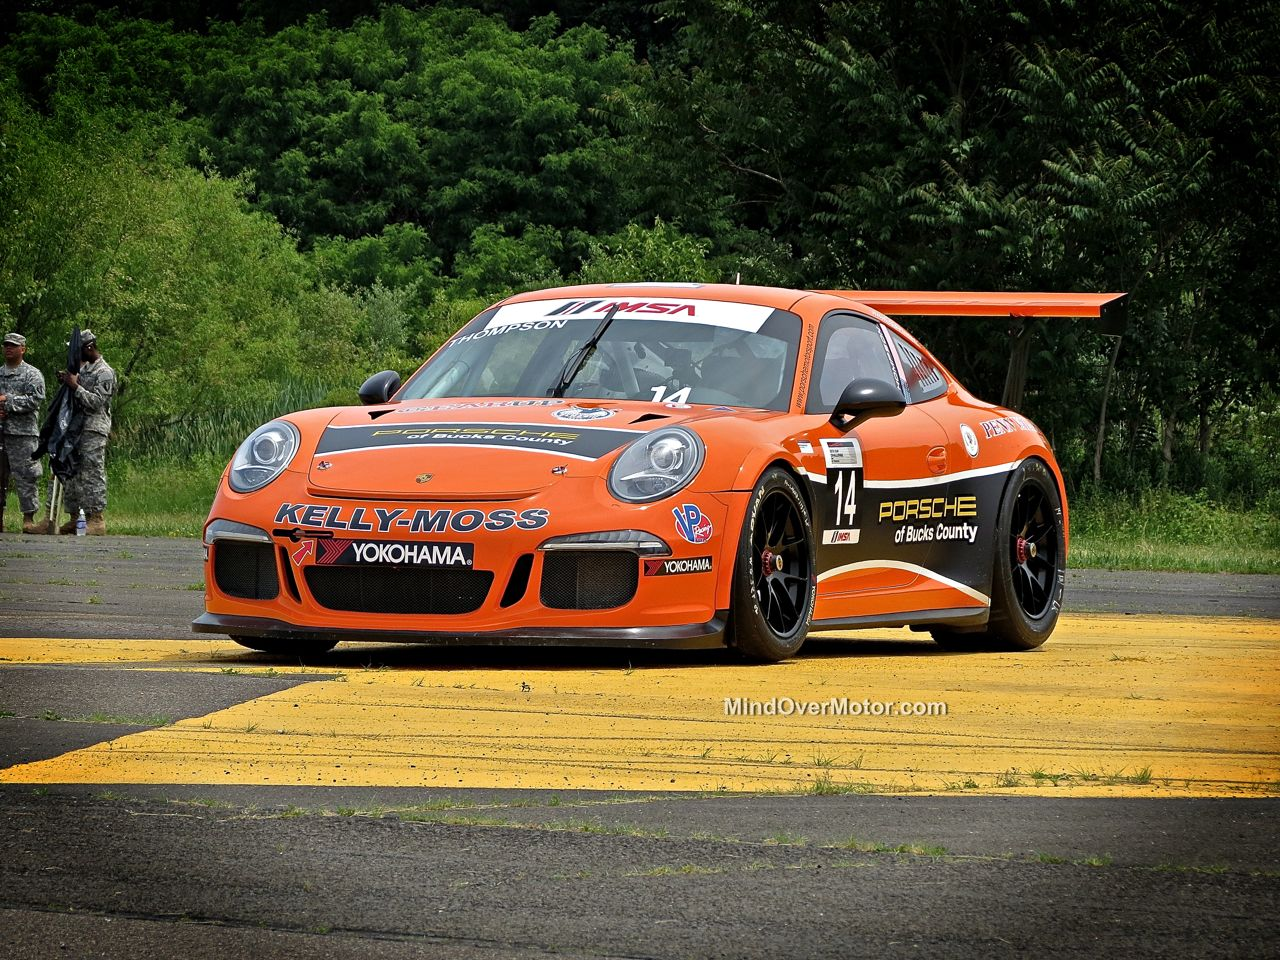 Porsche 911 RSR at CF Charities